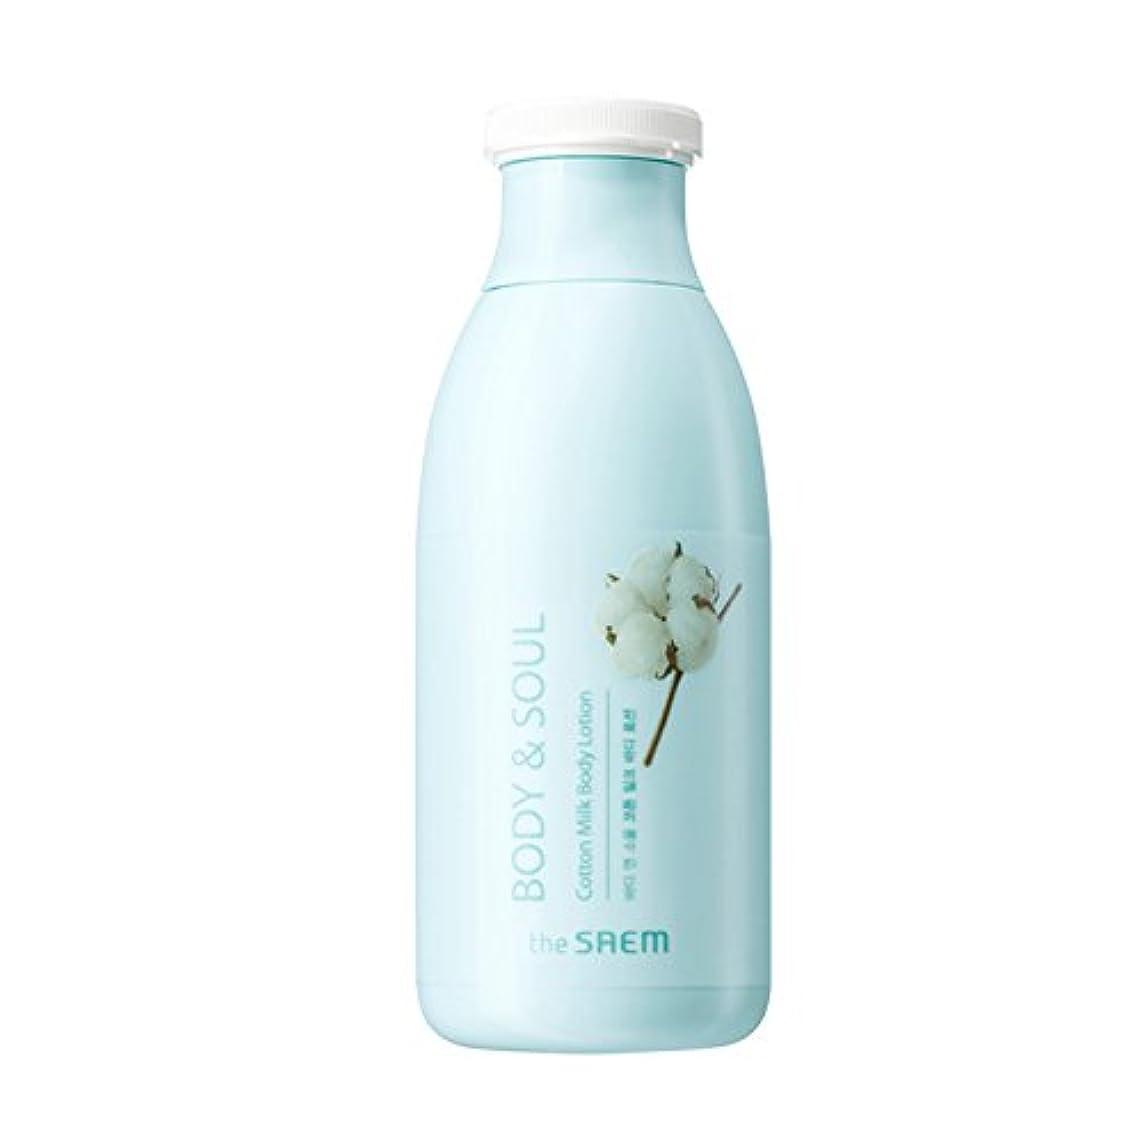 [ザセム] The Saem ボディ?アンド?ソウルコットンミルクボディローション BODY&SOUL Cotton Milk Body Lotion (海外直送品) [並行輸入品]